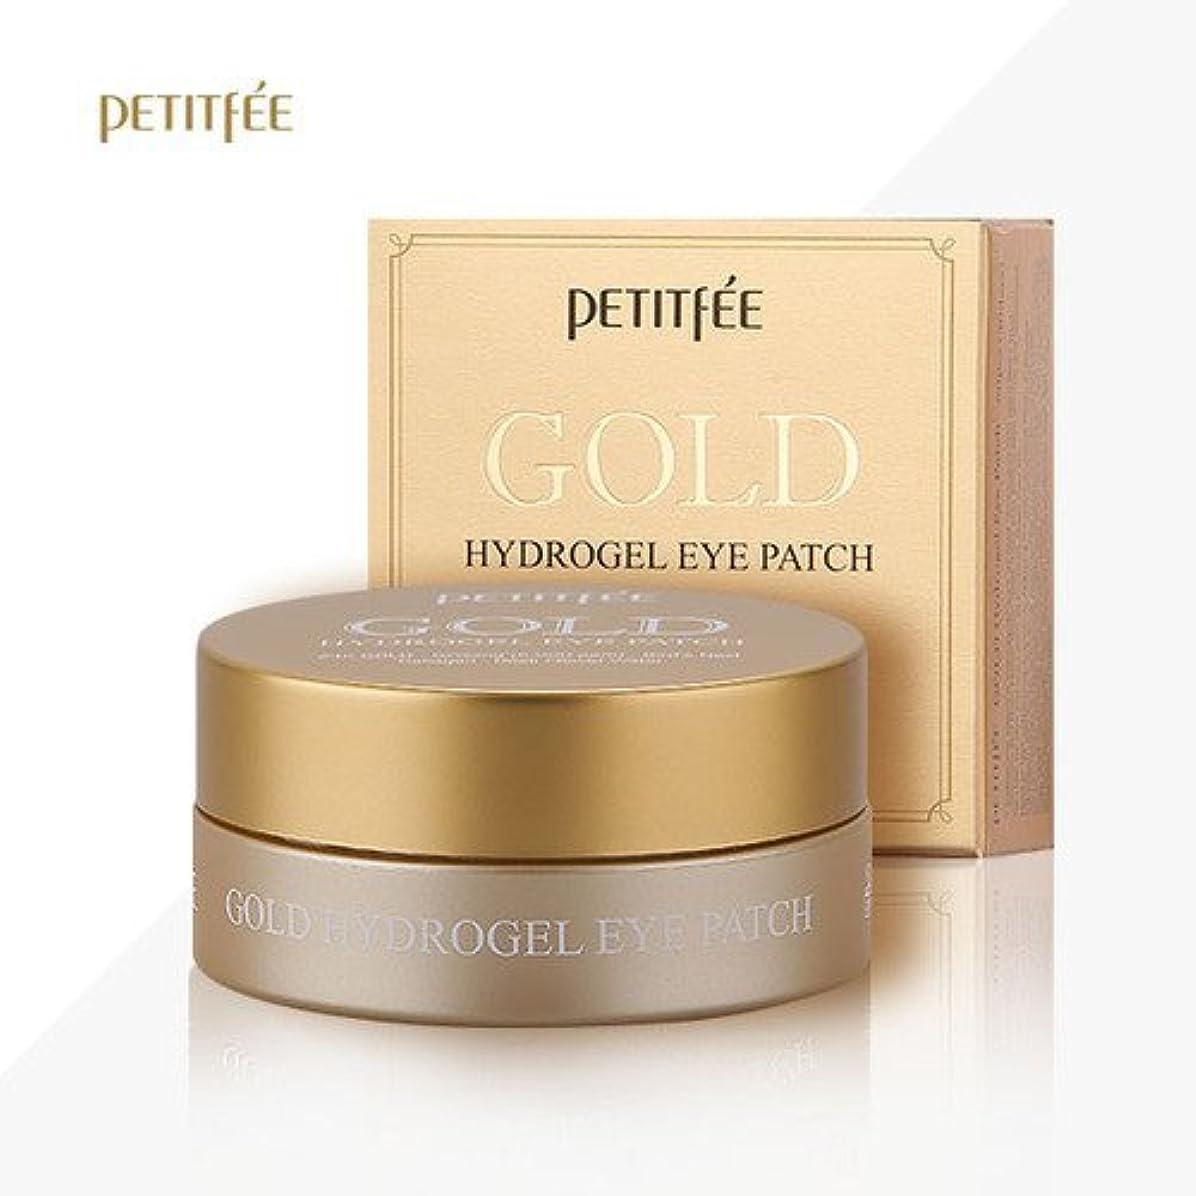 機械的呼ぶマーティンルーサーキングジュニアPETITFEE(プチペ)ゴールドハイドロゲルアイパチ(60枚)/ Petitfee Gold Hydrogel Eye Patch (60Sheets) [並行輸入品]